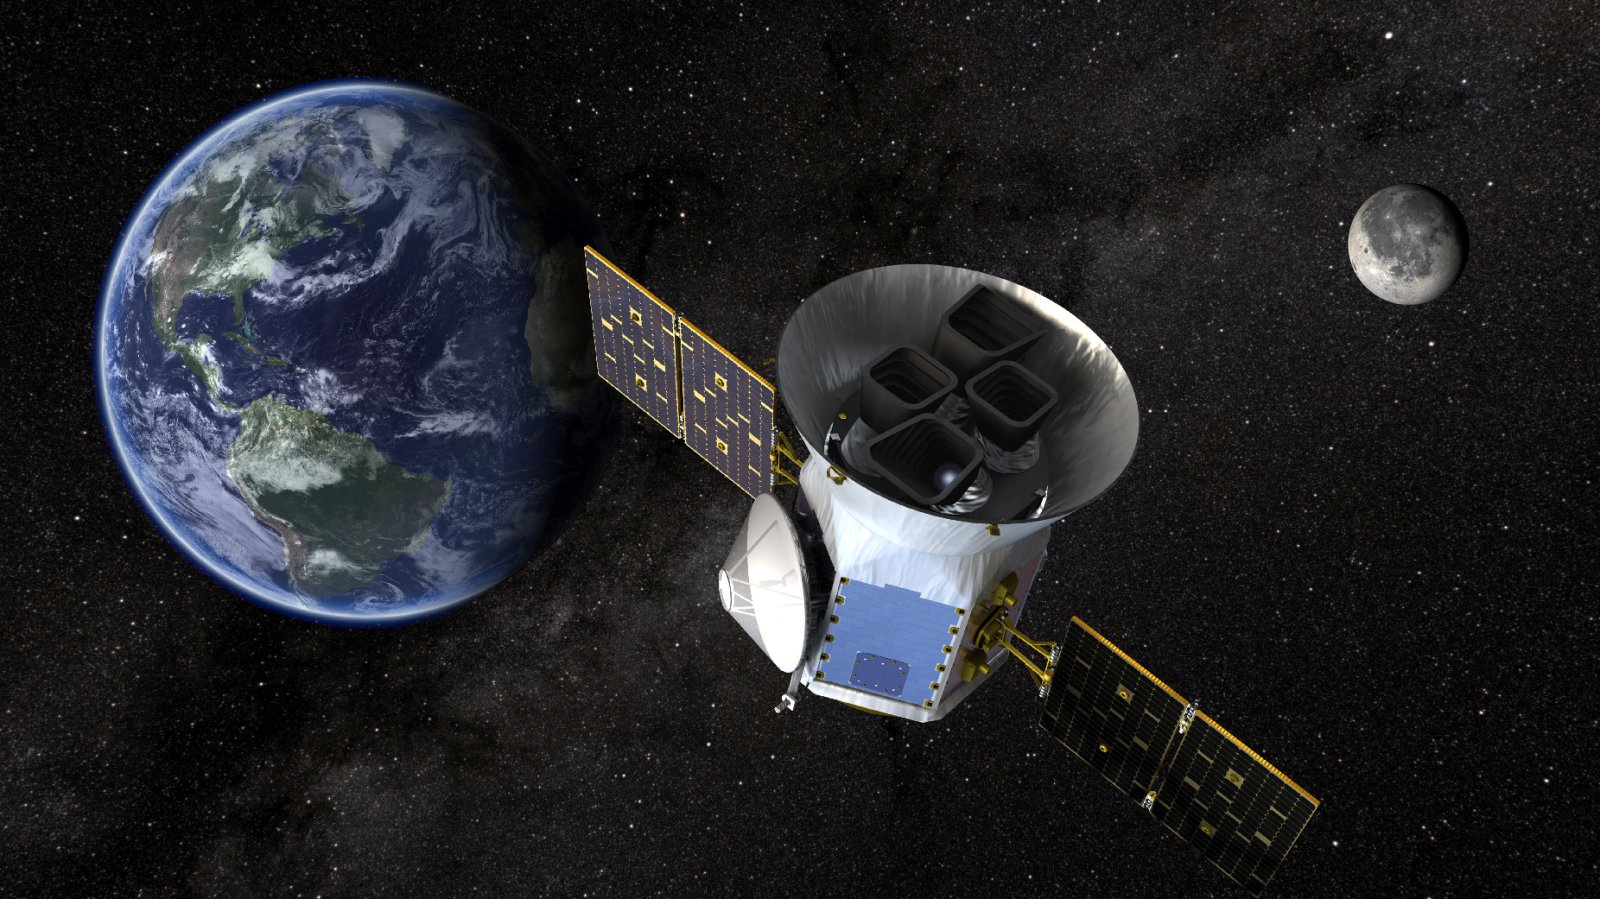 Новый «охотник за экзопланетами» NASA будет запущен в понедельник